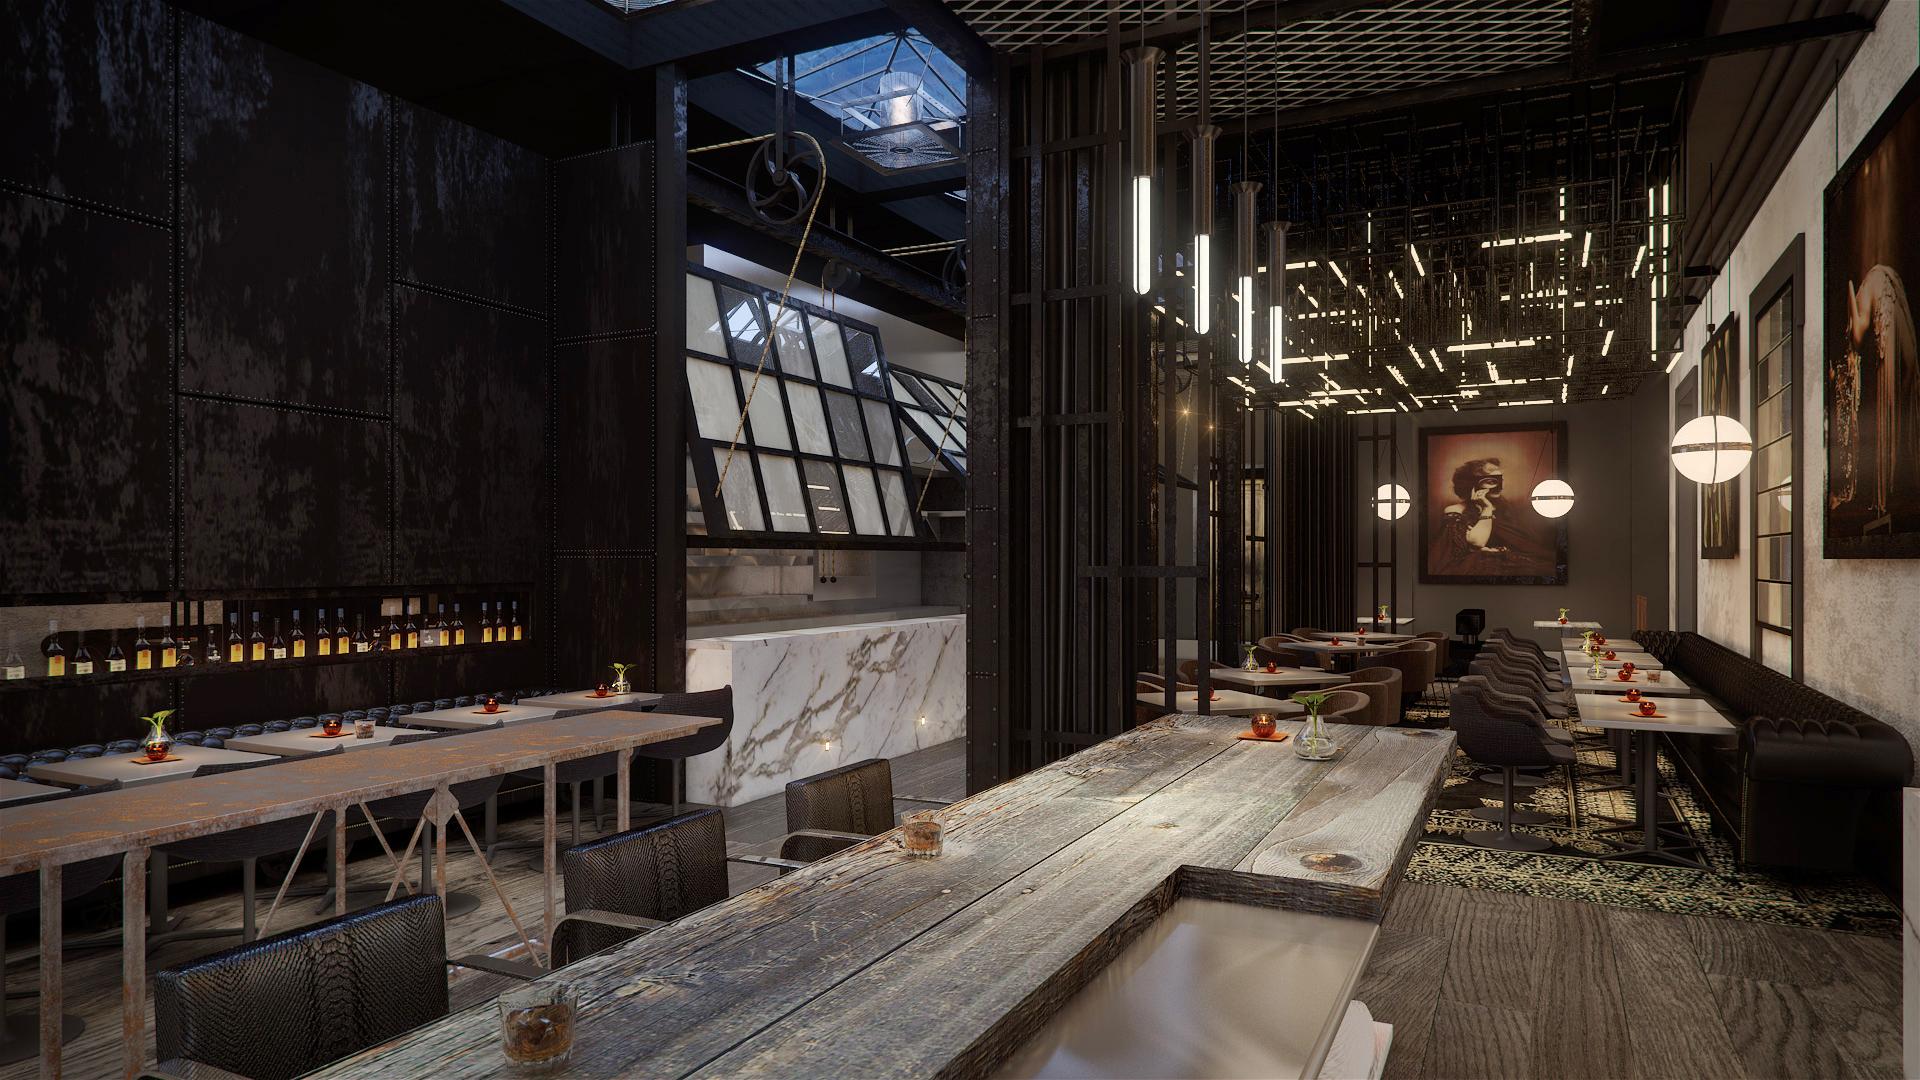 Poste Moderne Brasserie - Eater DC